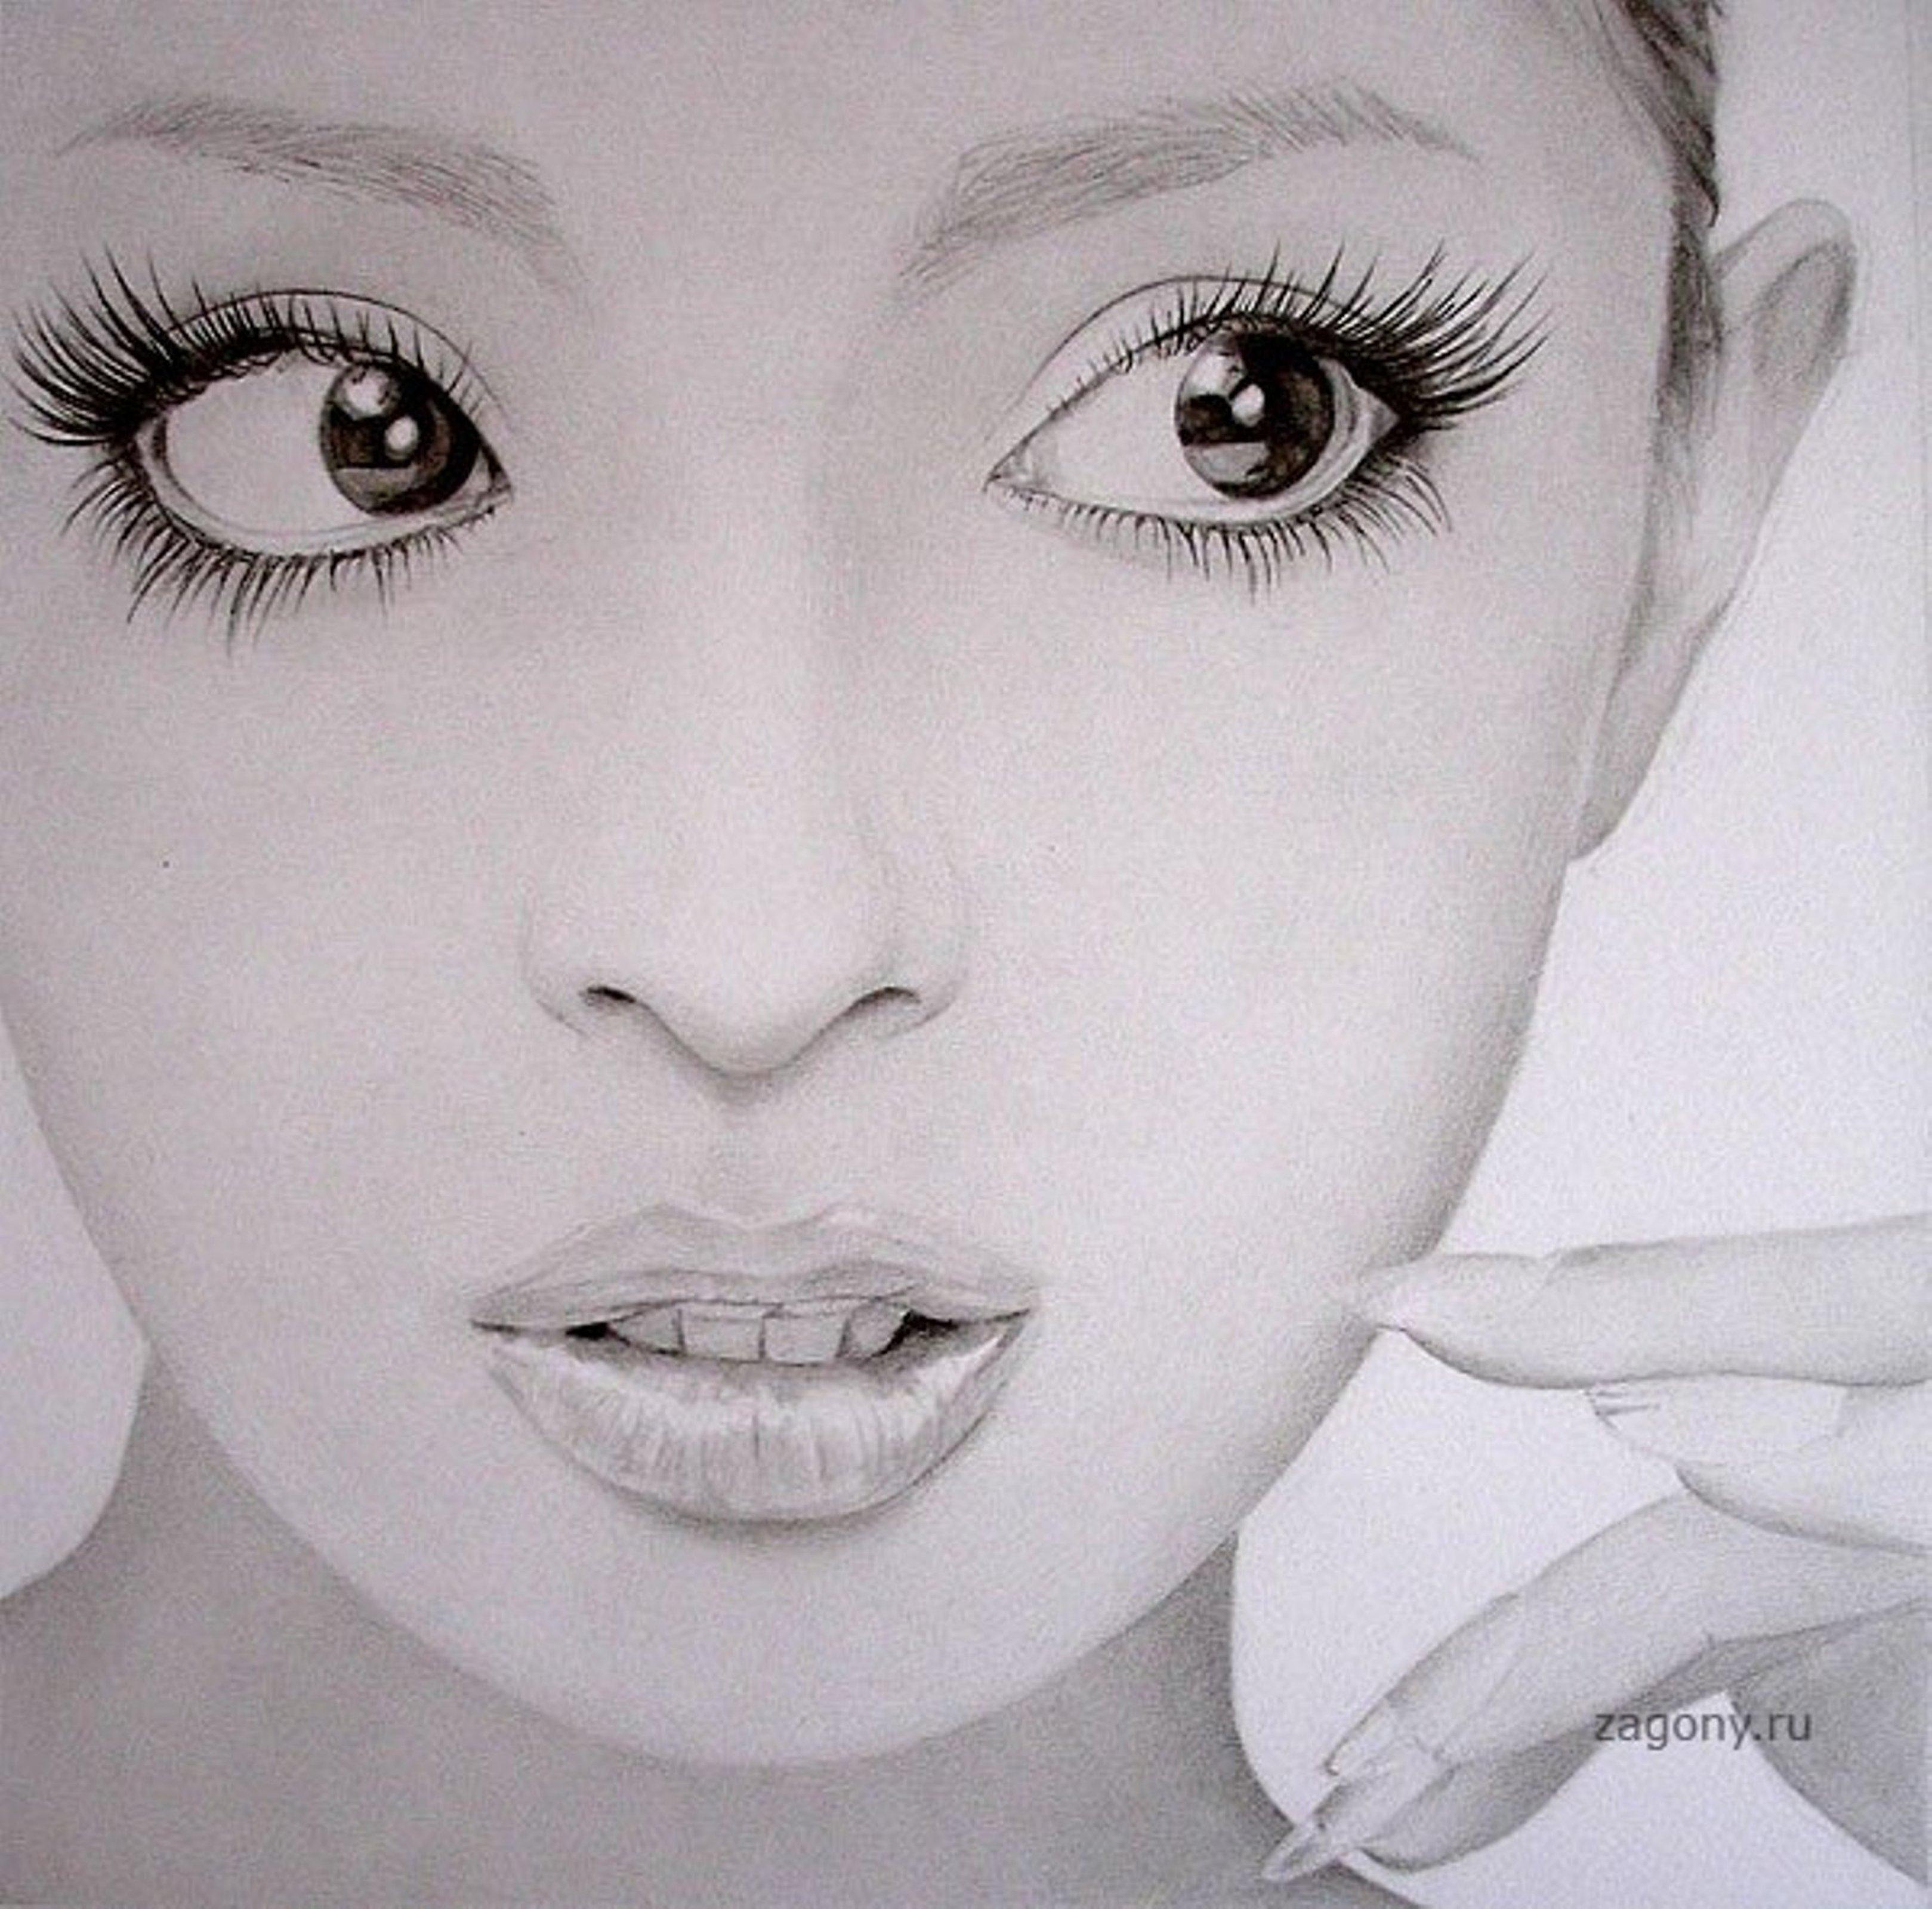 Фото рисунков карандашом голых девушек 29 фотография